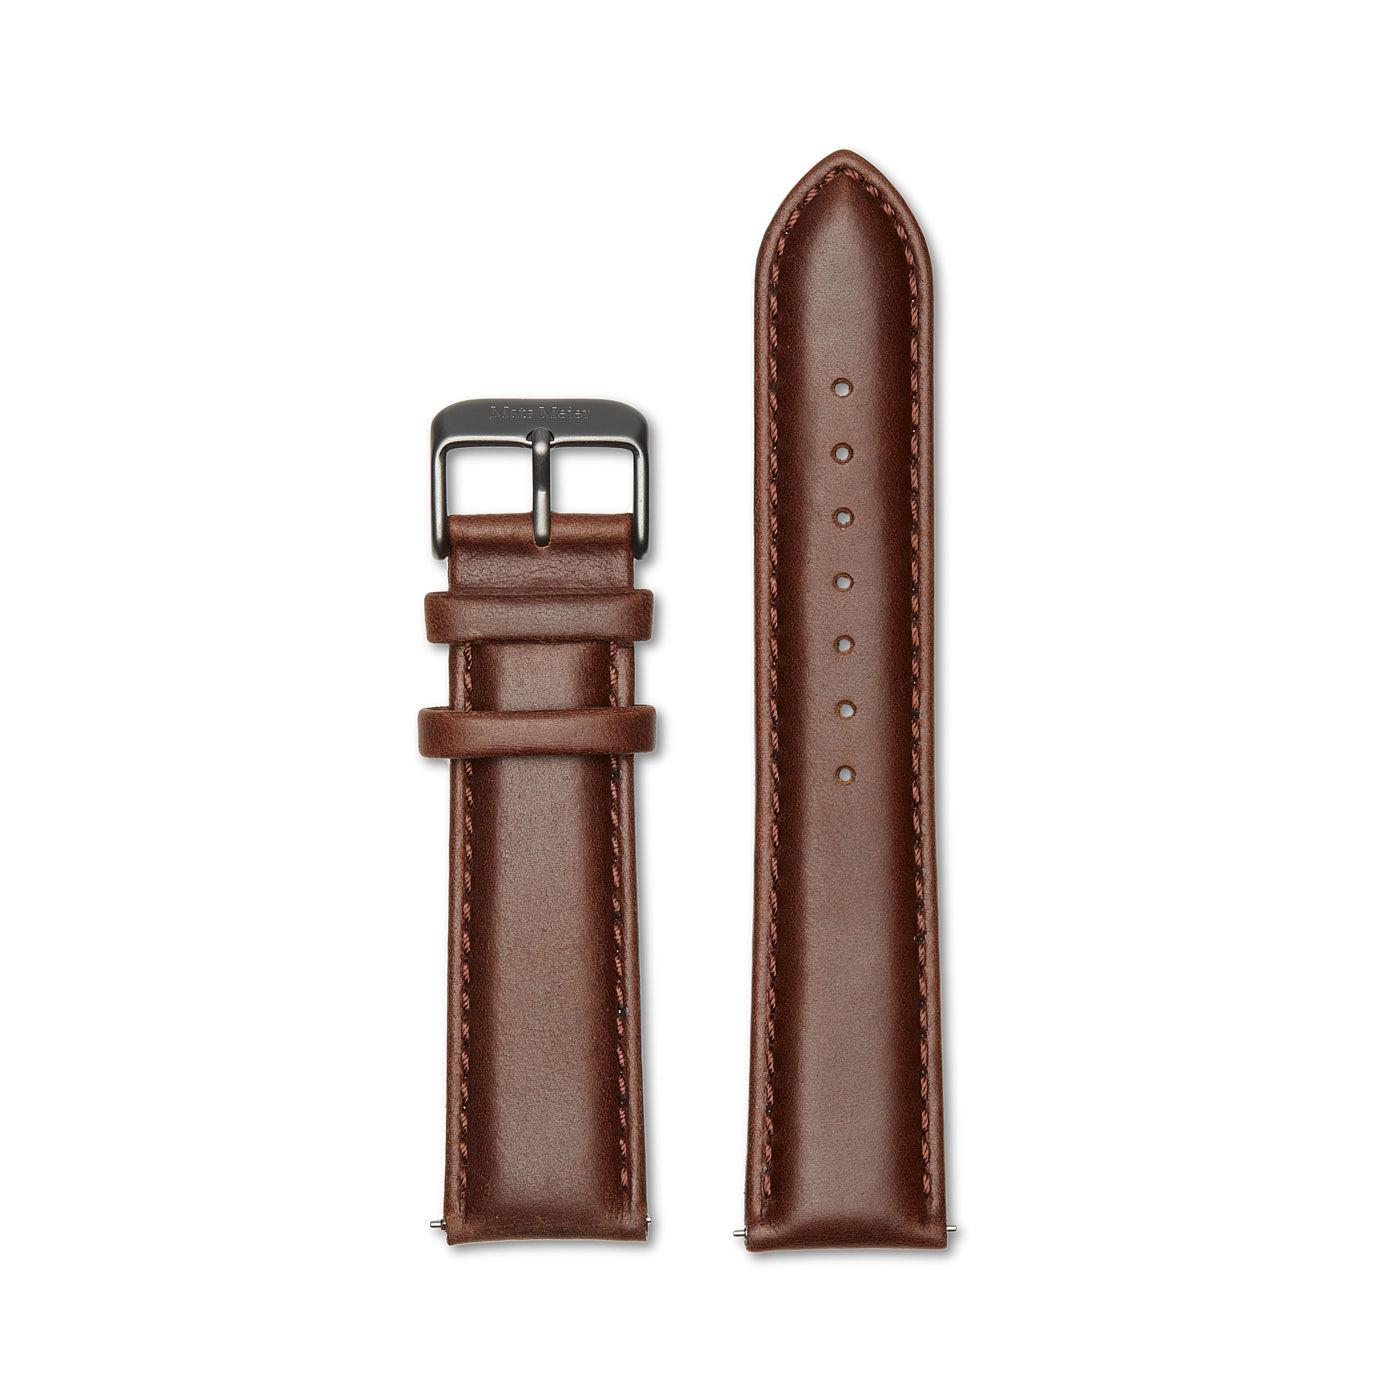 Mats Meier Grand Cornier Uhrenarmband Leder 22 mm braun